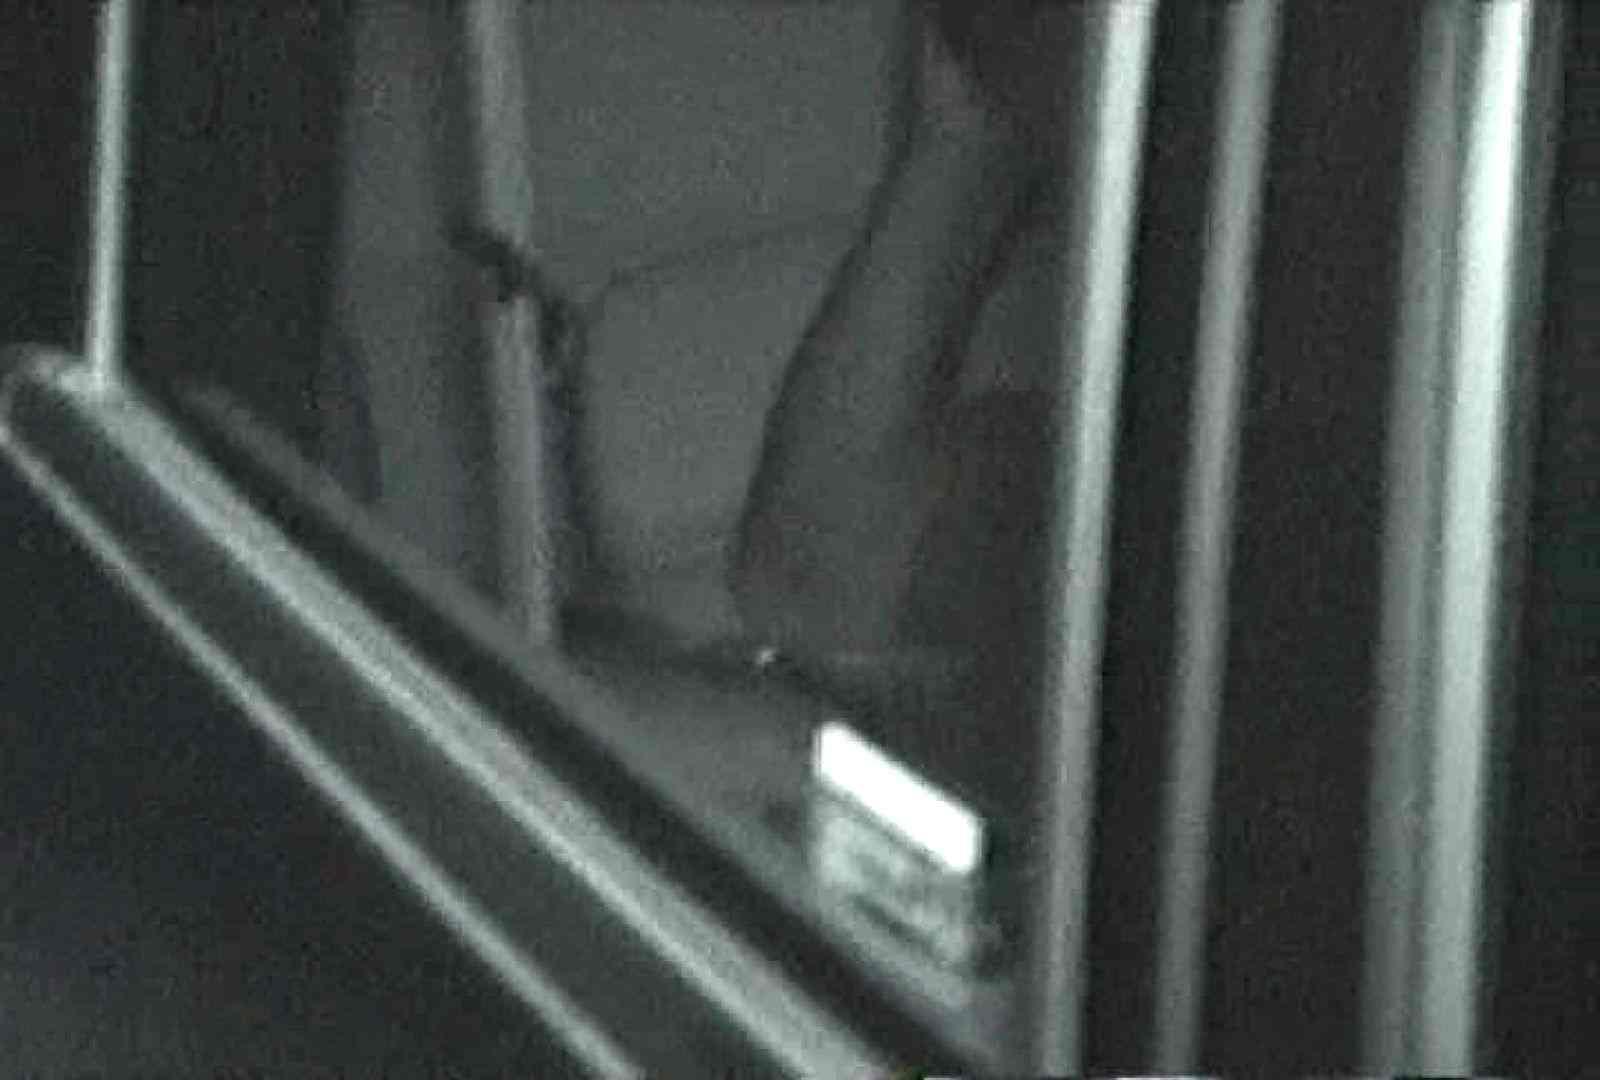 充血監督の深夜の運動会Vol.89 OLの実態 覗きおまんこ画像 87pic 14